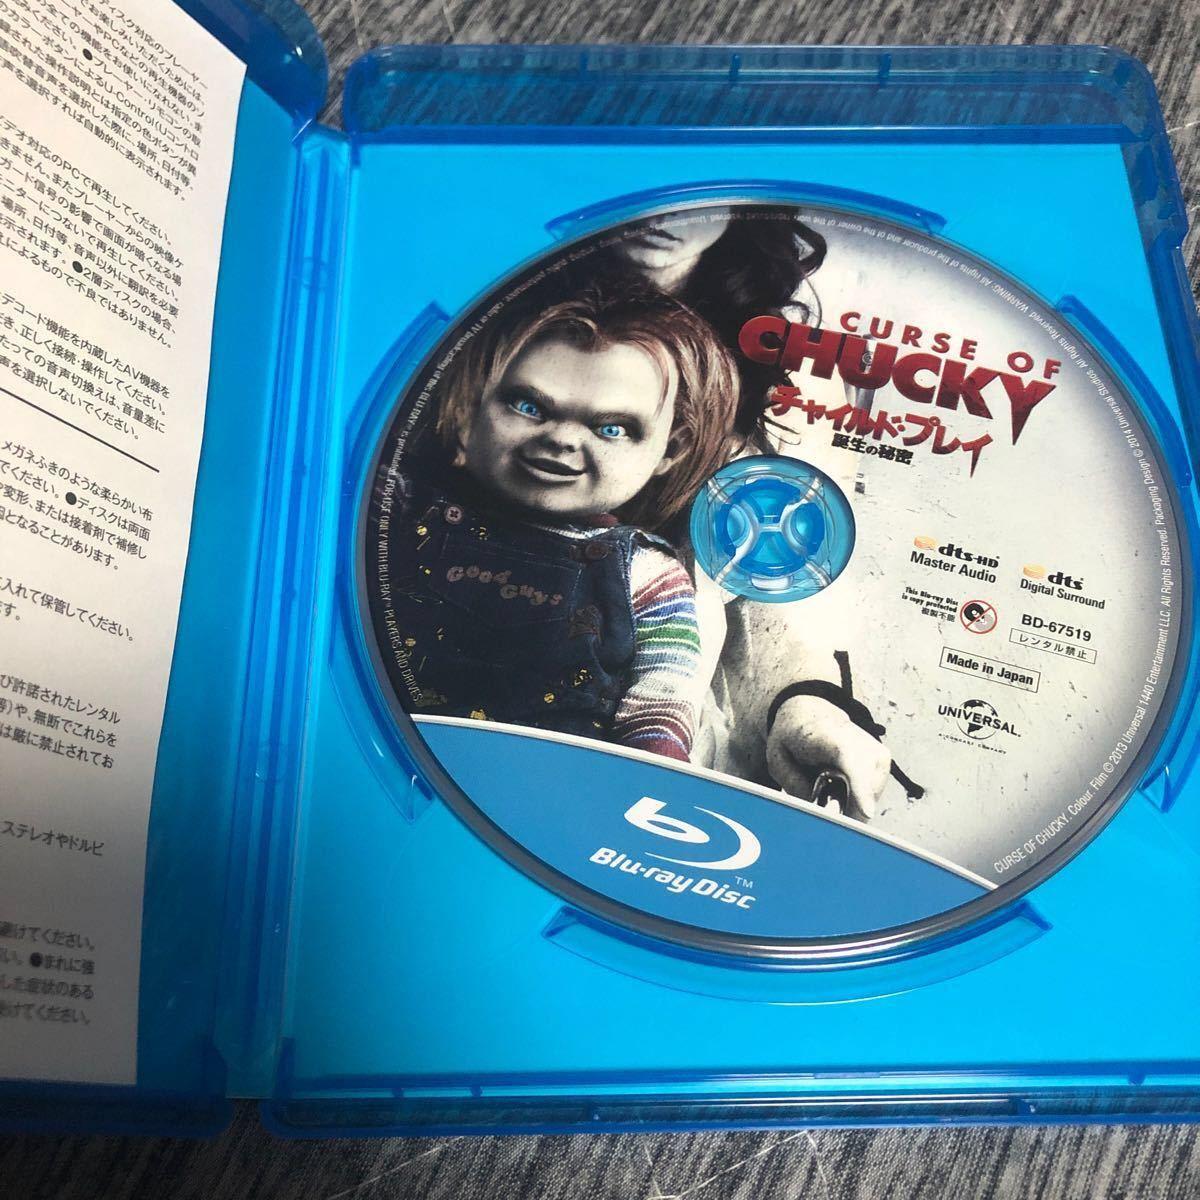 チャイルドプレイ誕生の秘密&チャッキーの狂気病棟Blu-rayセット